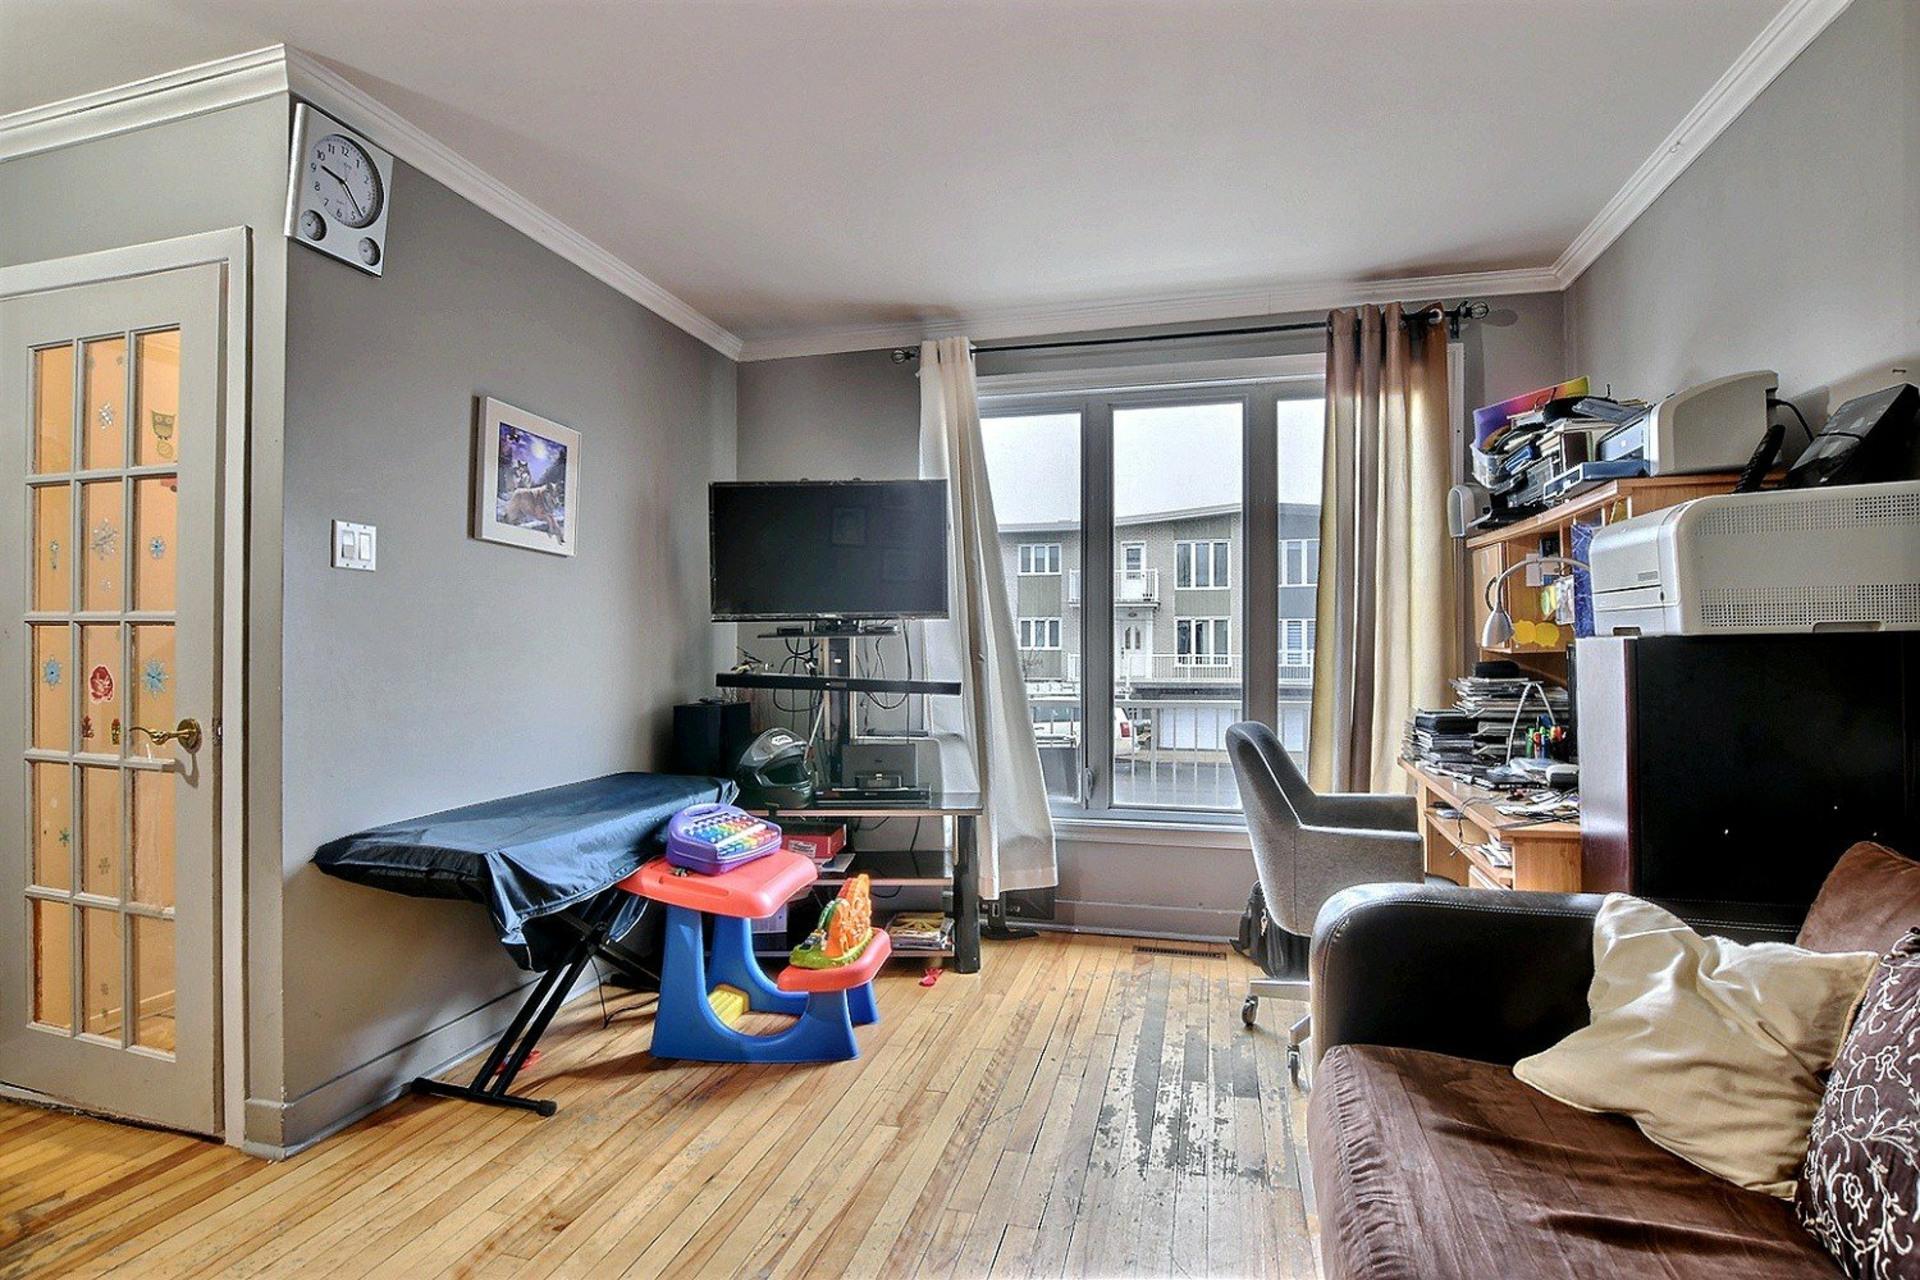 image 5 - Triplex For sale Le Vieux-Longueuil Longueuil  - 5 rooms